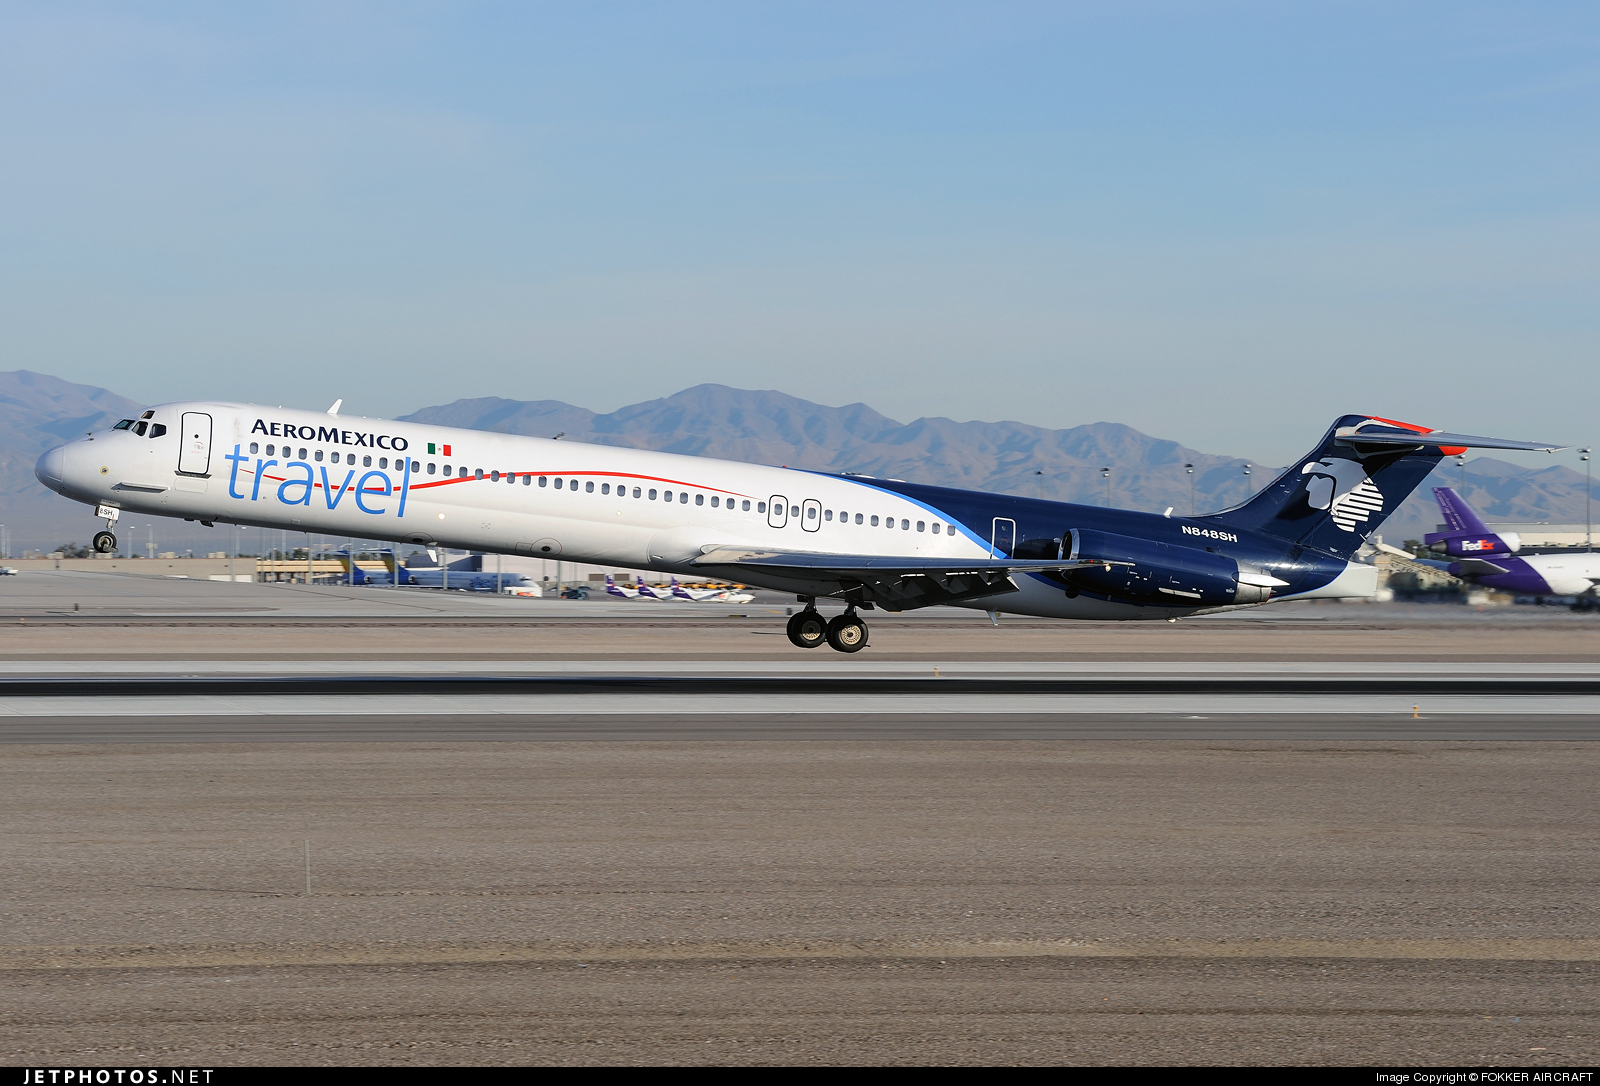 AEROMEXICO TRAVEL MD-83 N848SH